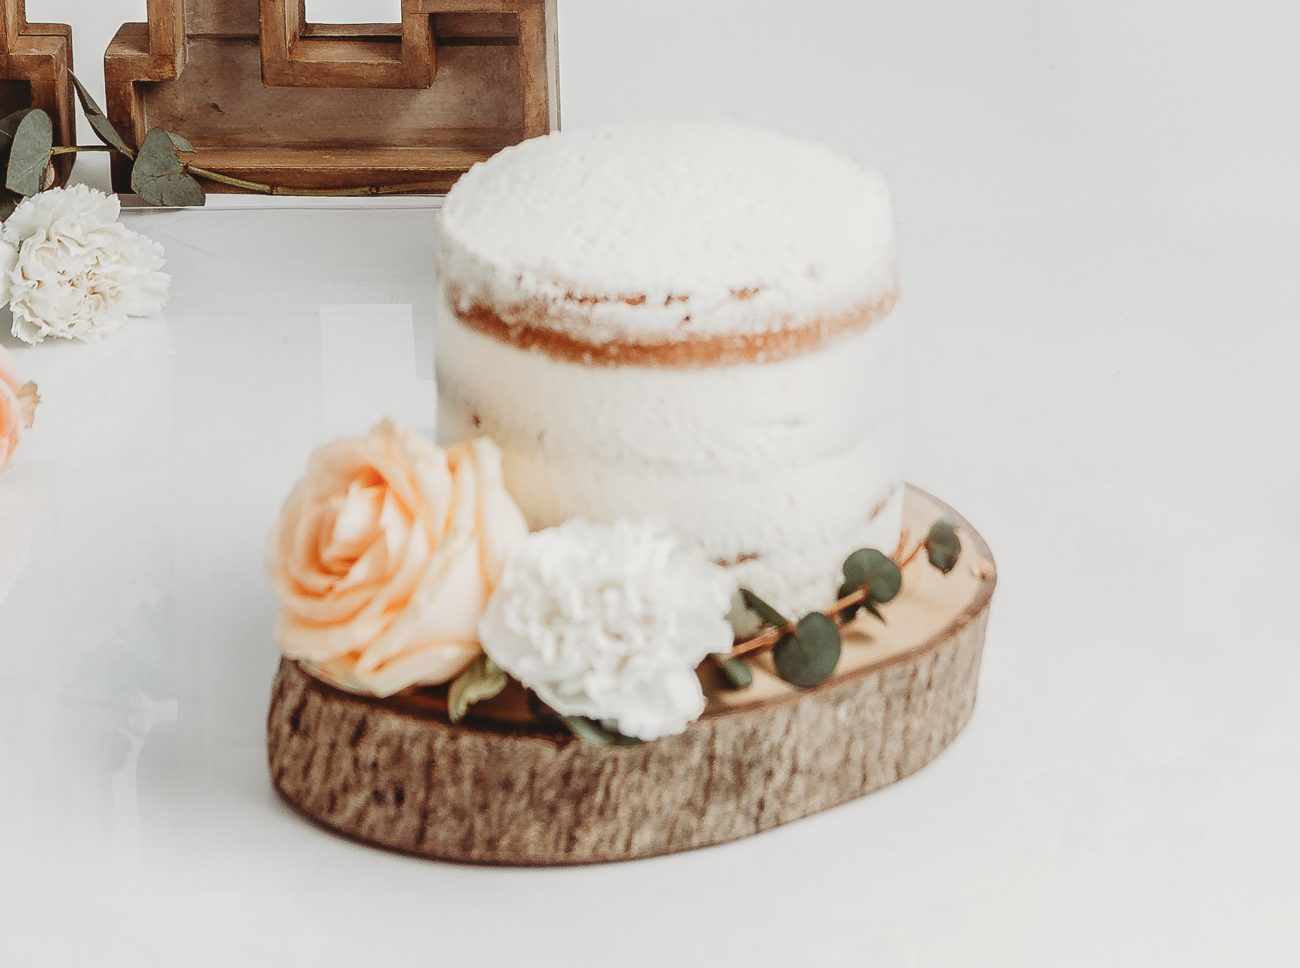 Cake smash naked Cake, ganz einfach selbermachen